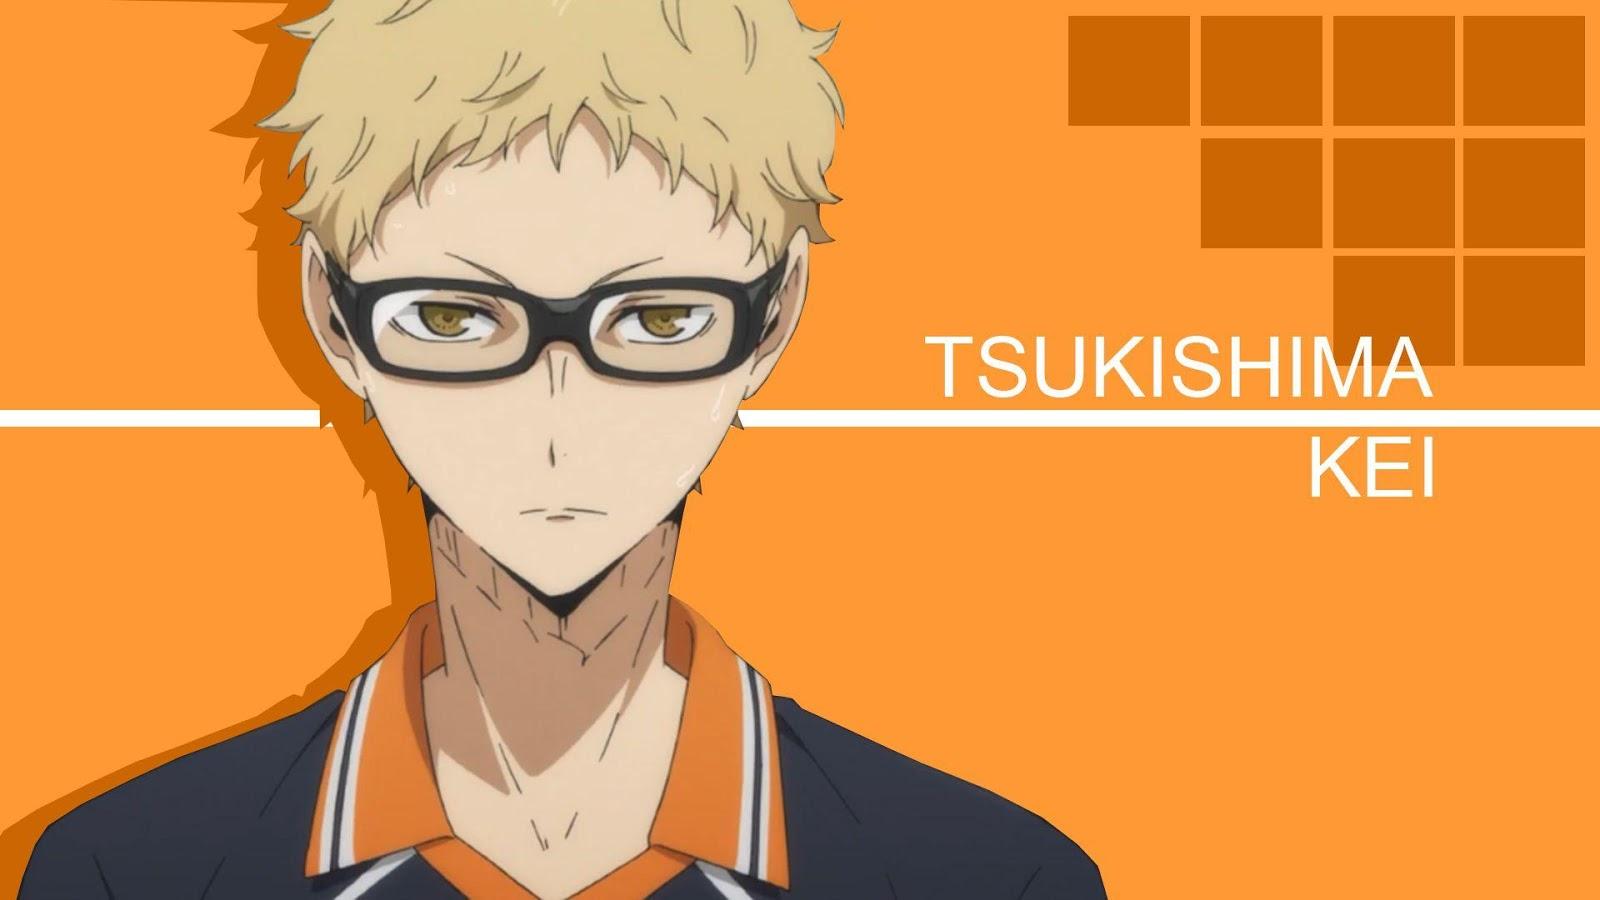 Kei Tsukishima